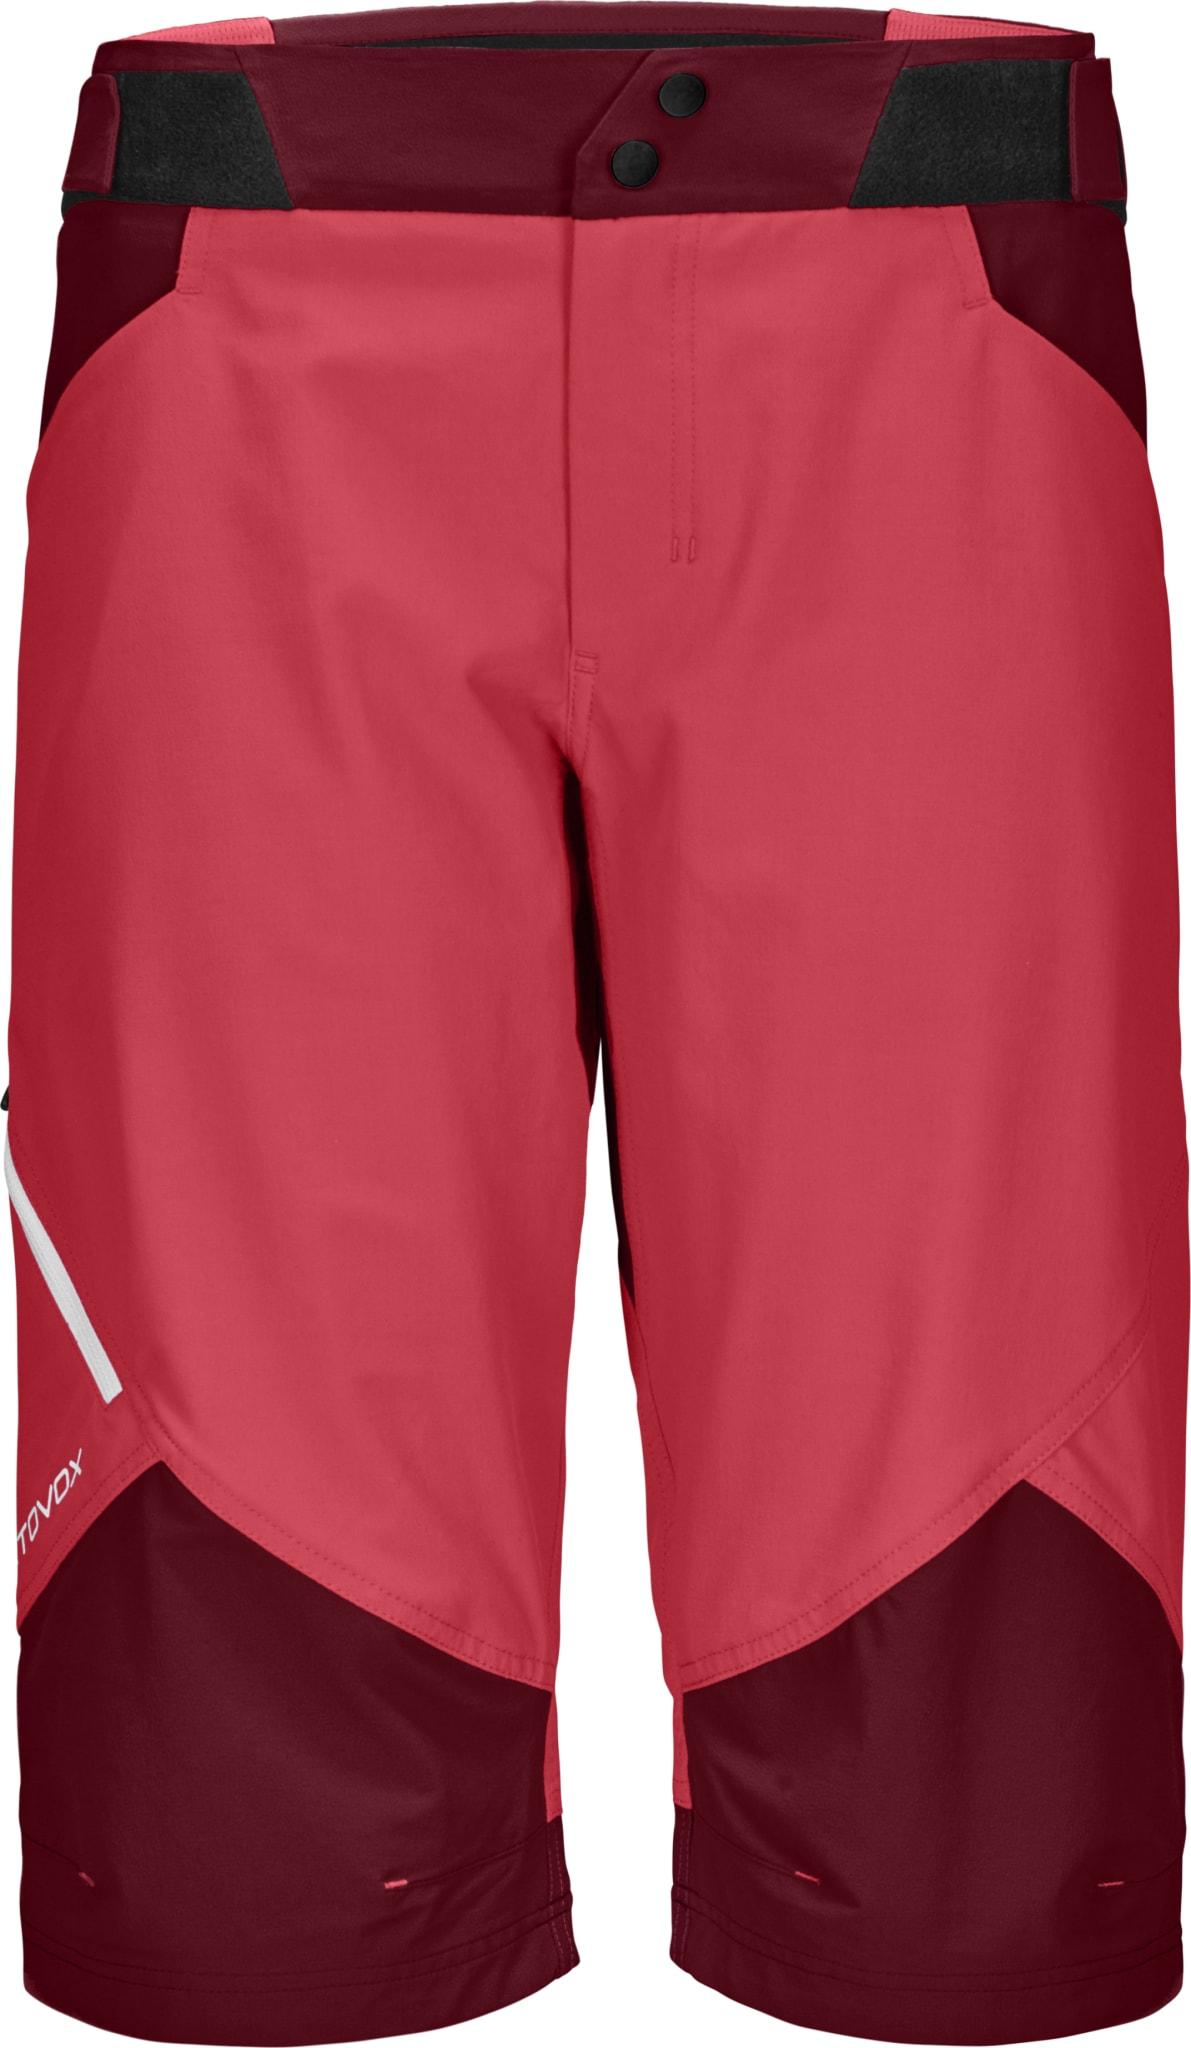 Lett og slitesterk shorts til klatring og fjellbruk